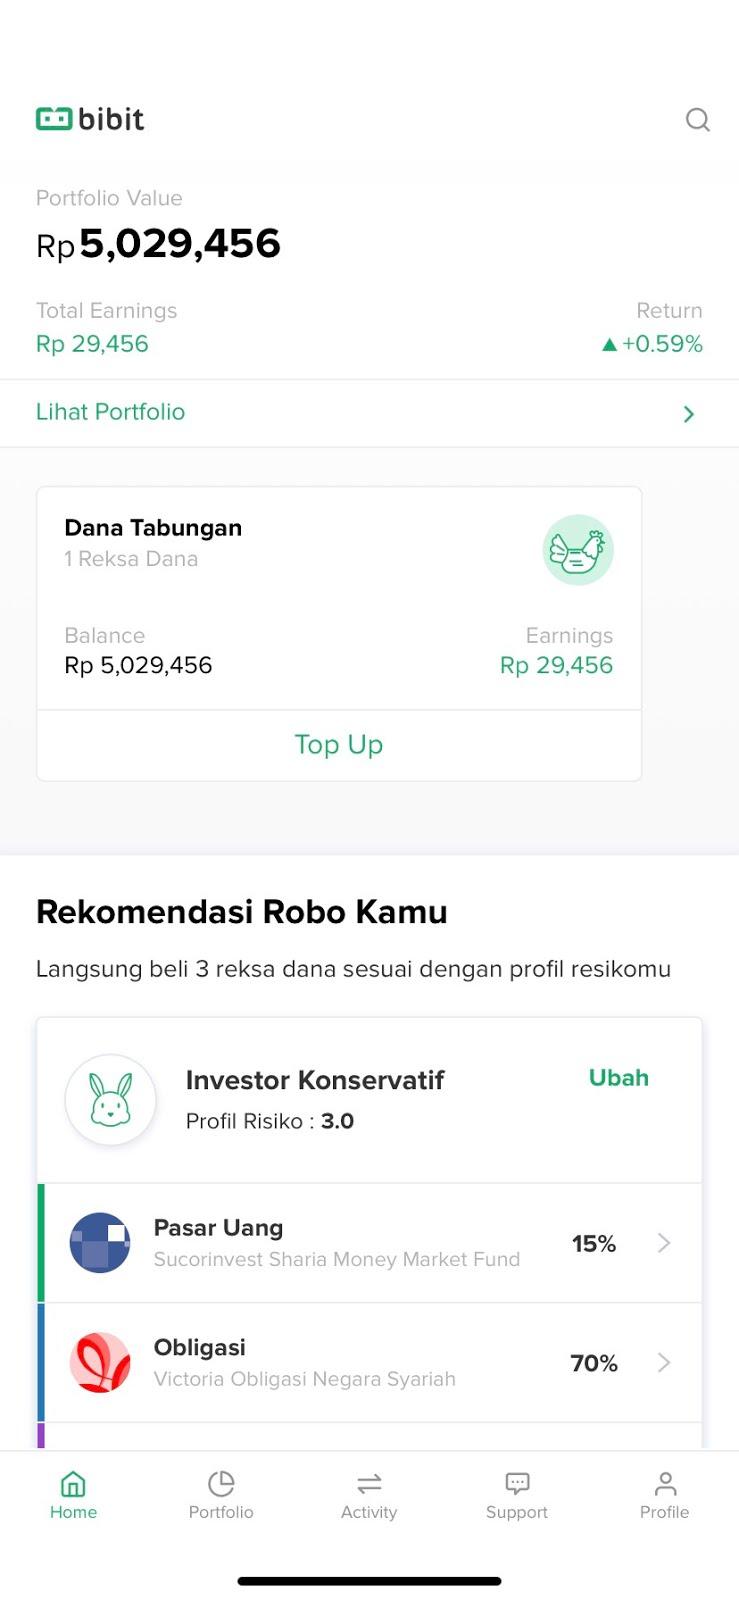 Pengalaman 5 Bulan Investasi Pertama Menggunakan Reksdana Bibit Samhan Notes